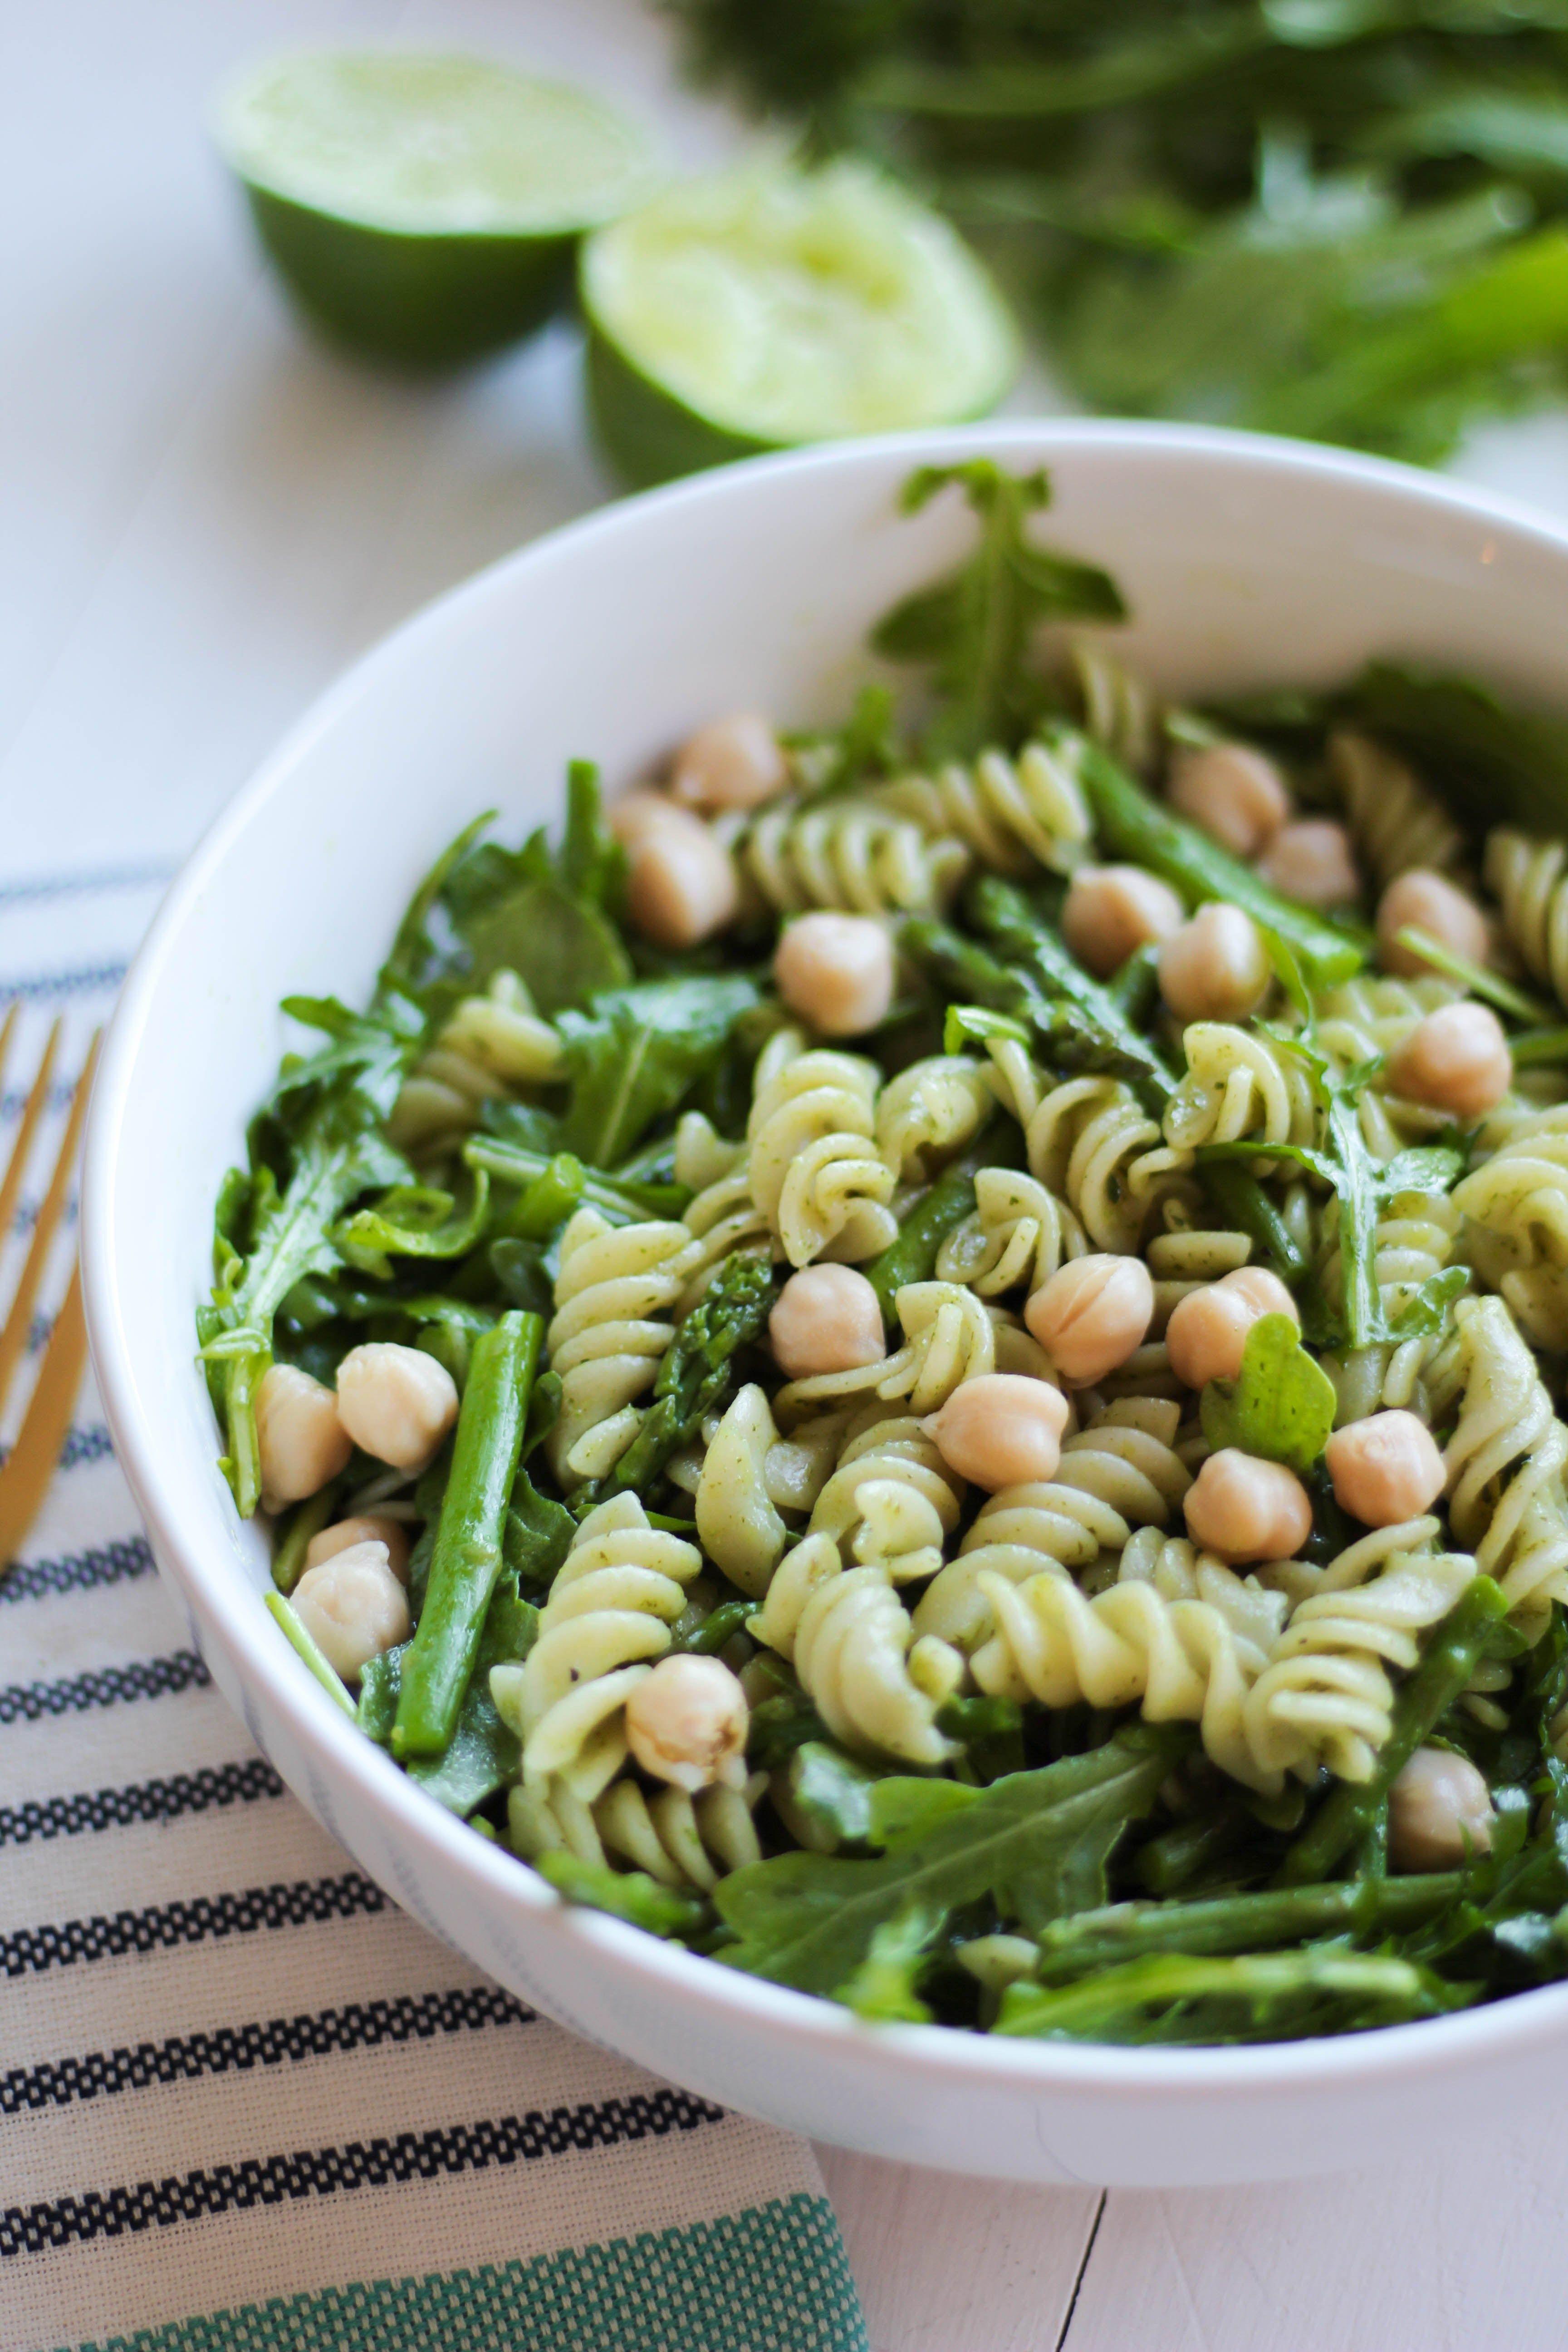 Голливудская Диета Зеленый Салат. Голливудская диета – меню на 14 дней и результат